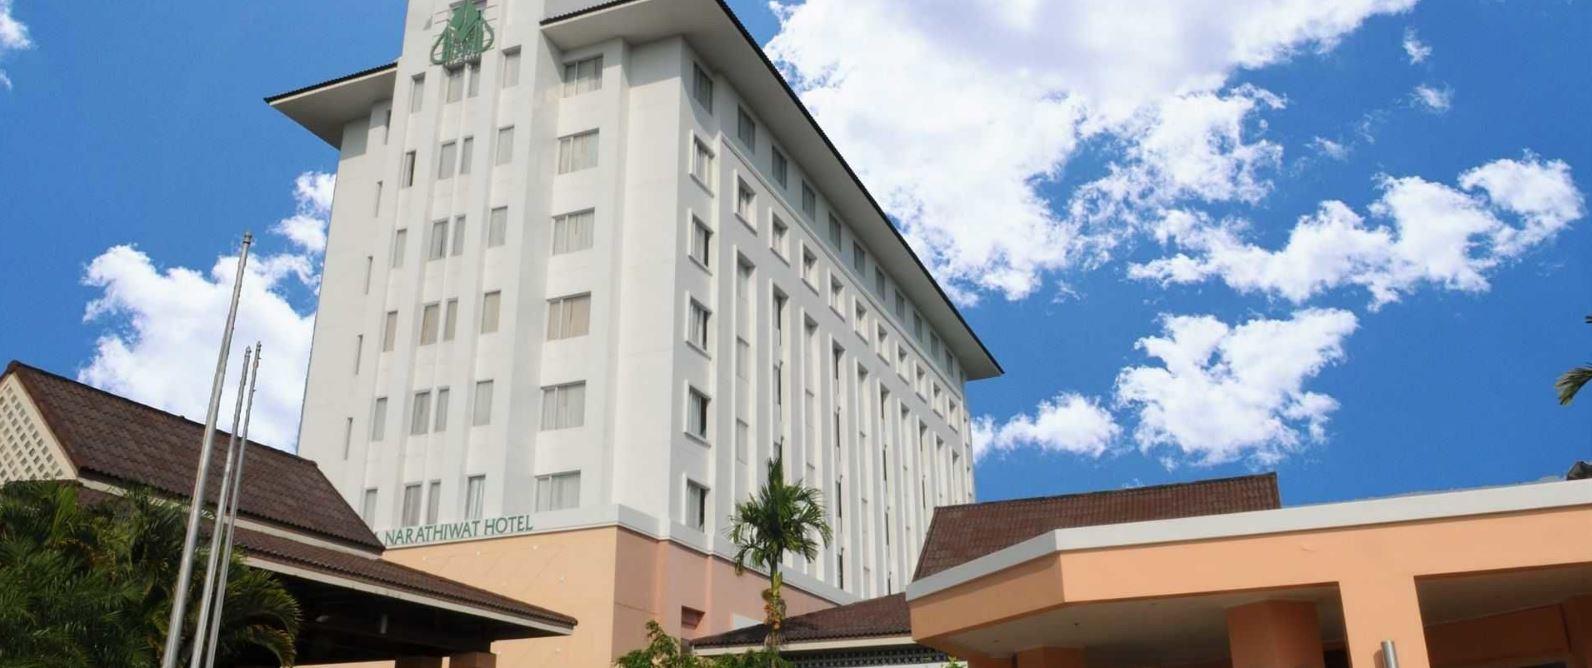 โรงแรม ดิ อิมพีเรียล นราธิวาส